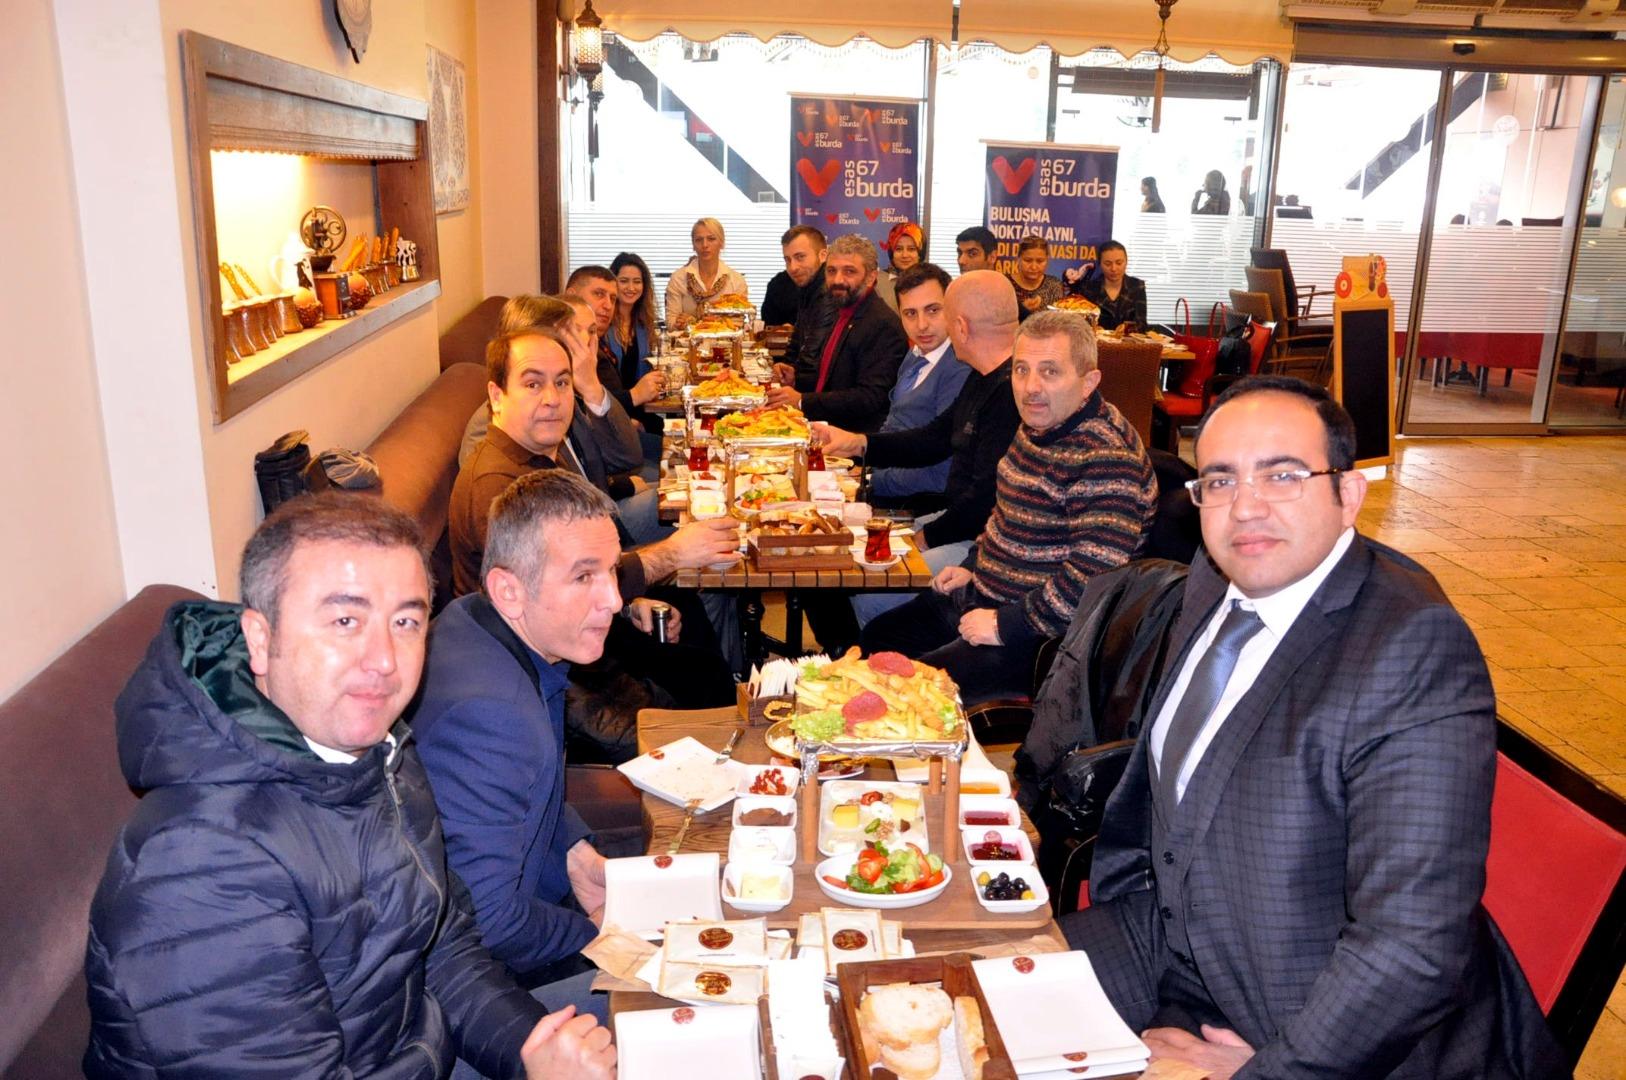 Esas 67 Burda AVM Zonguldak basınını ağırladı